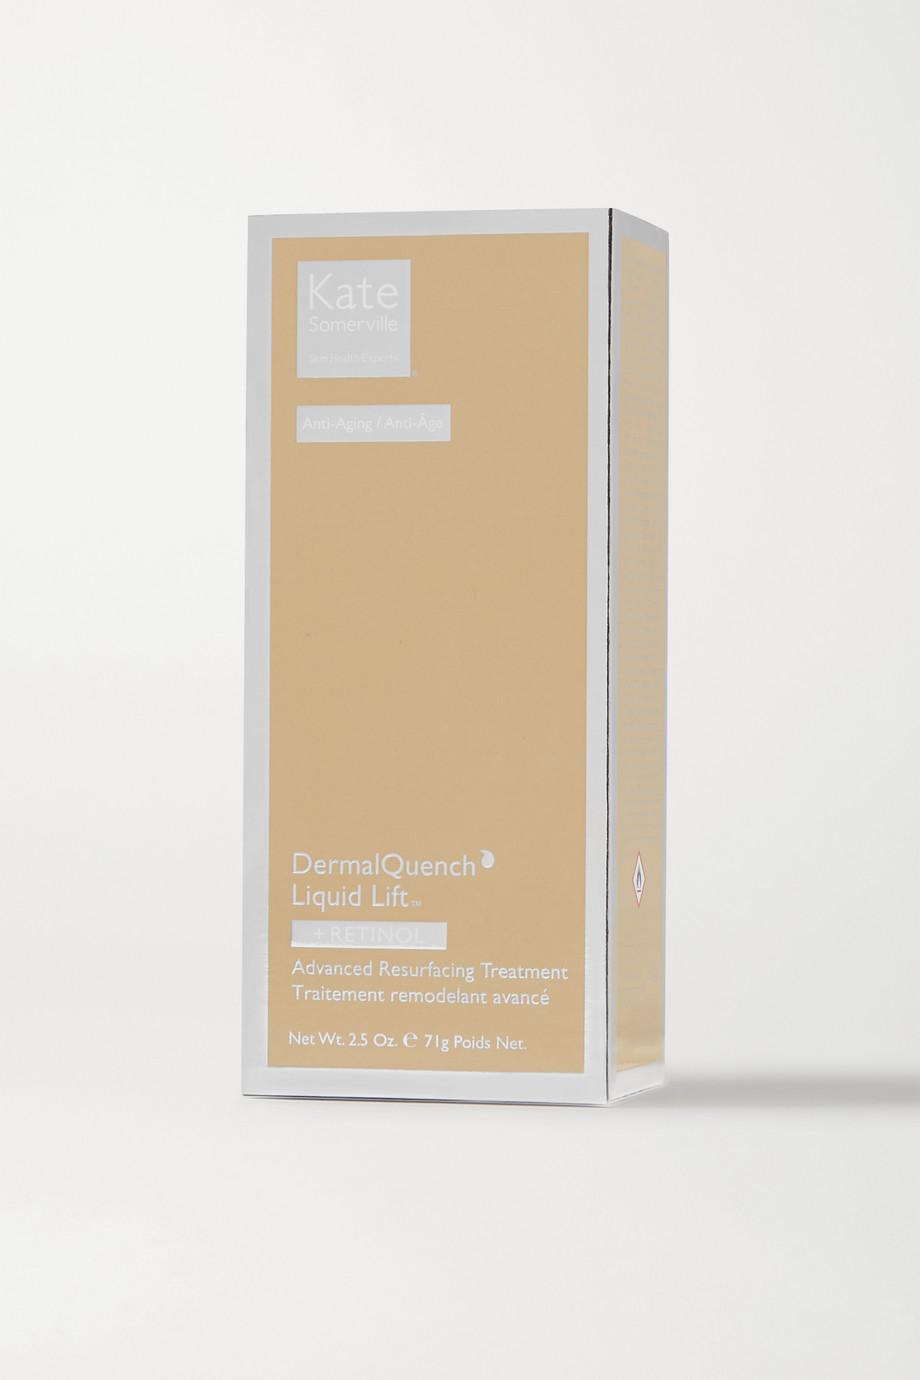 Kate Somerville DermalQuench Liquid Lift + Retinol, 75ml